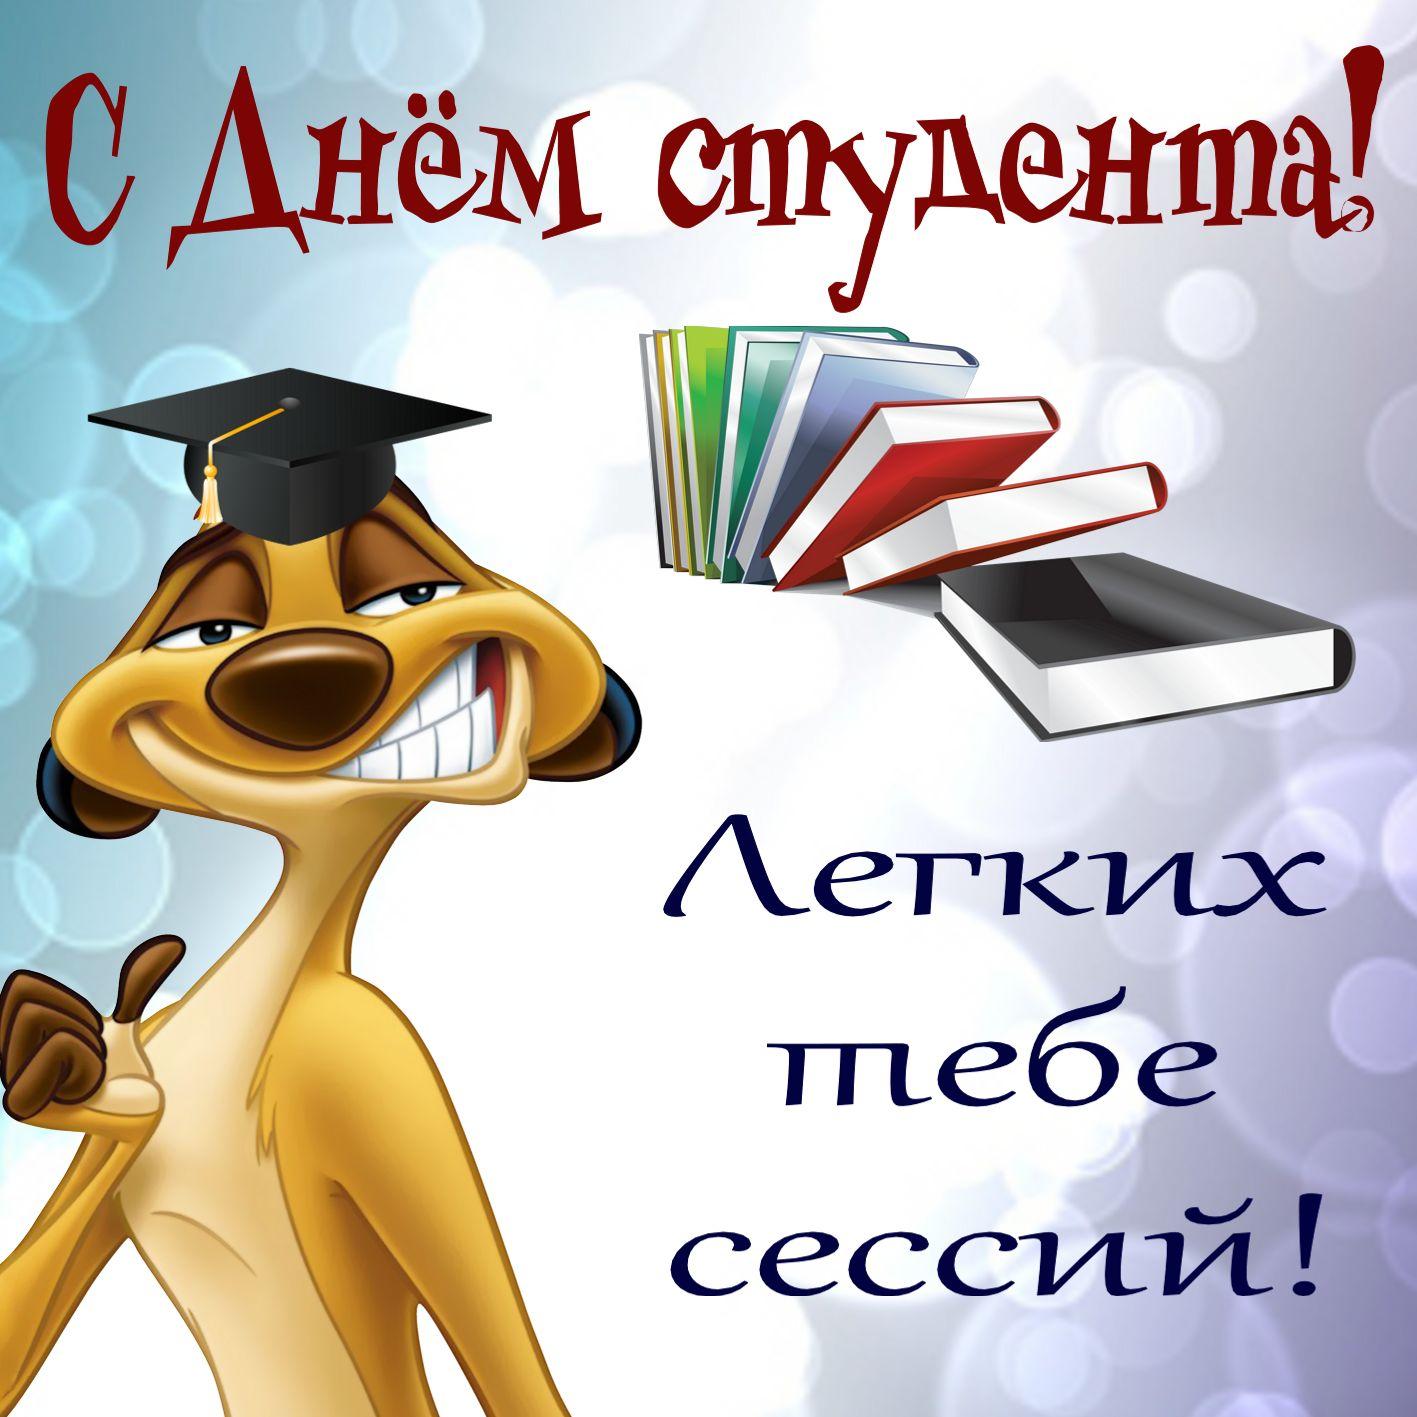 Красивая открытка, гиф с 25 января (Татьянин день и день студента)